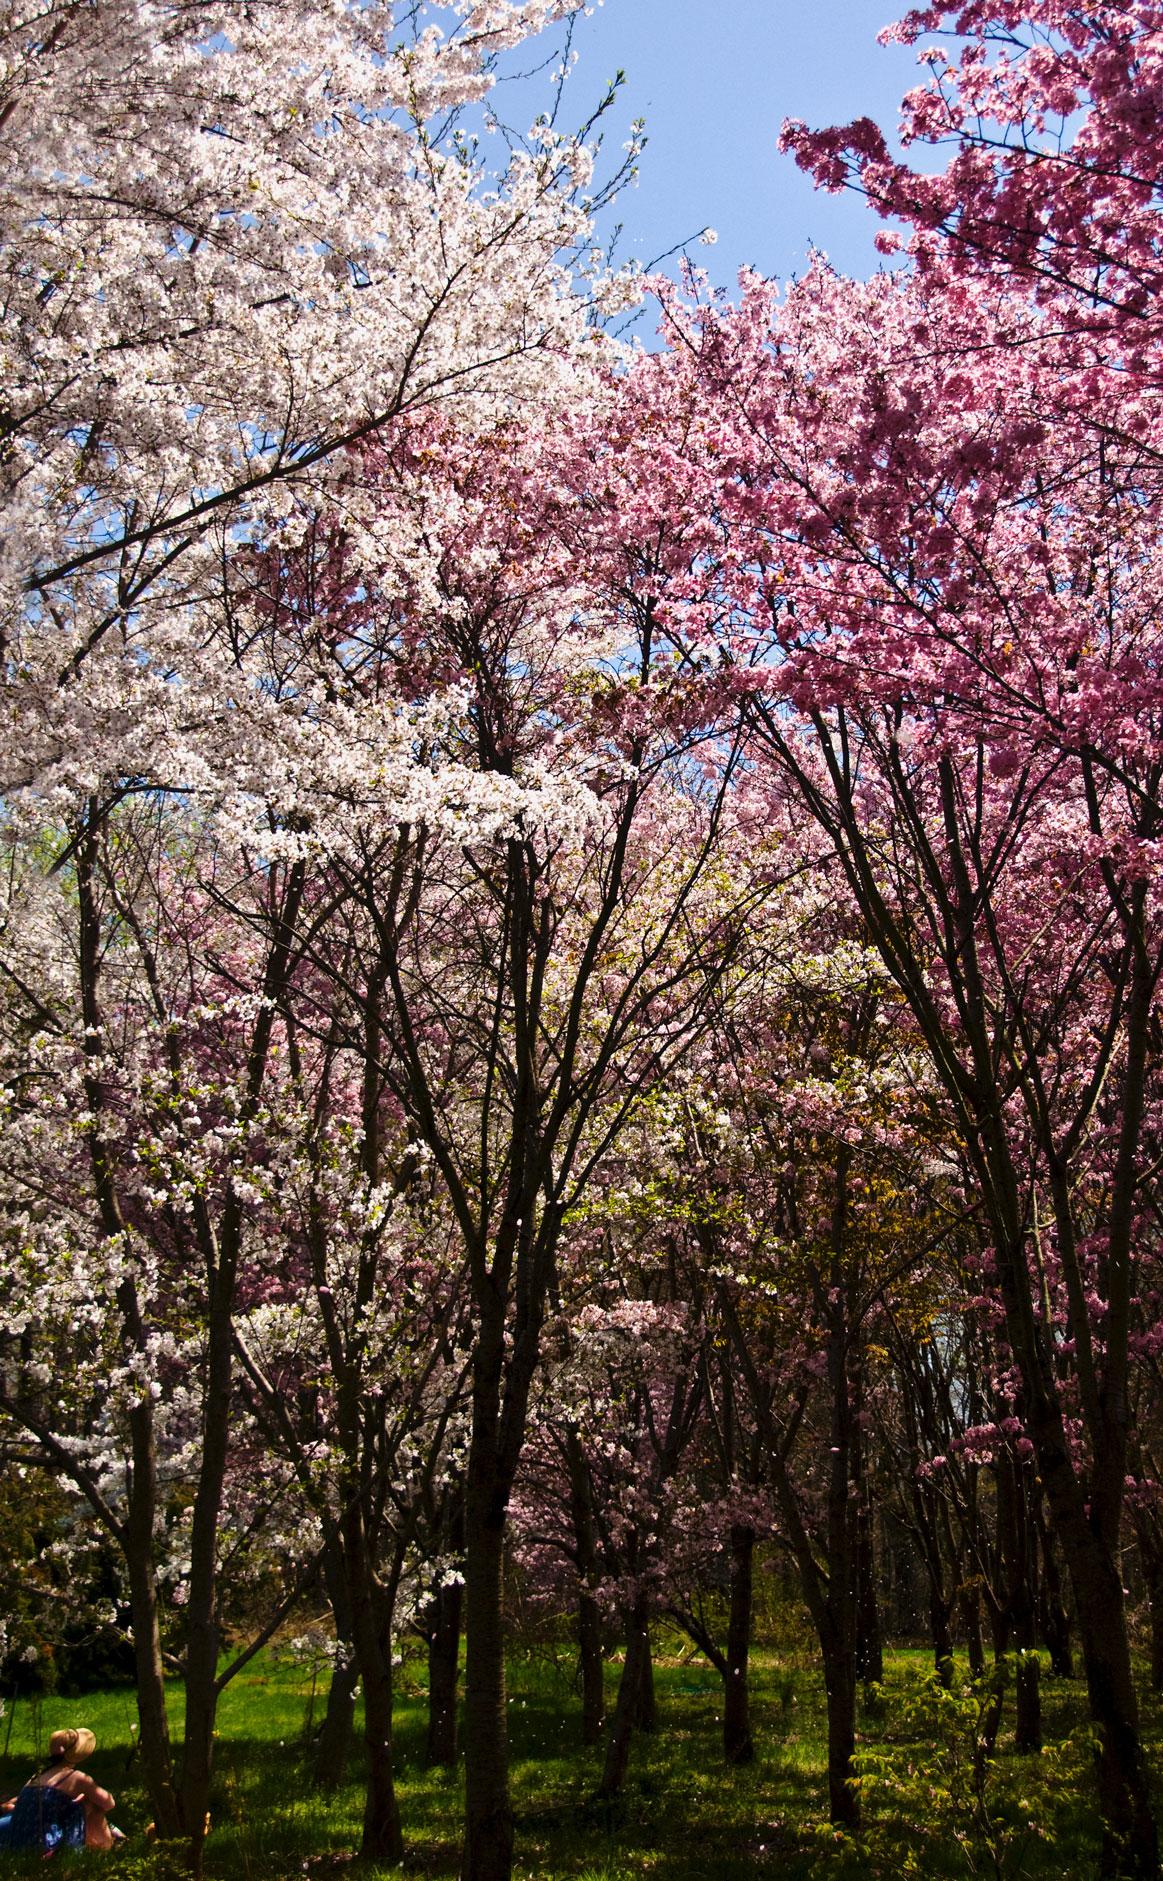 Arboretum-4-10--afternoon-w.jpg